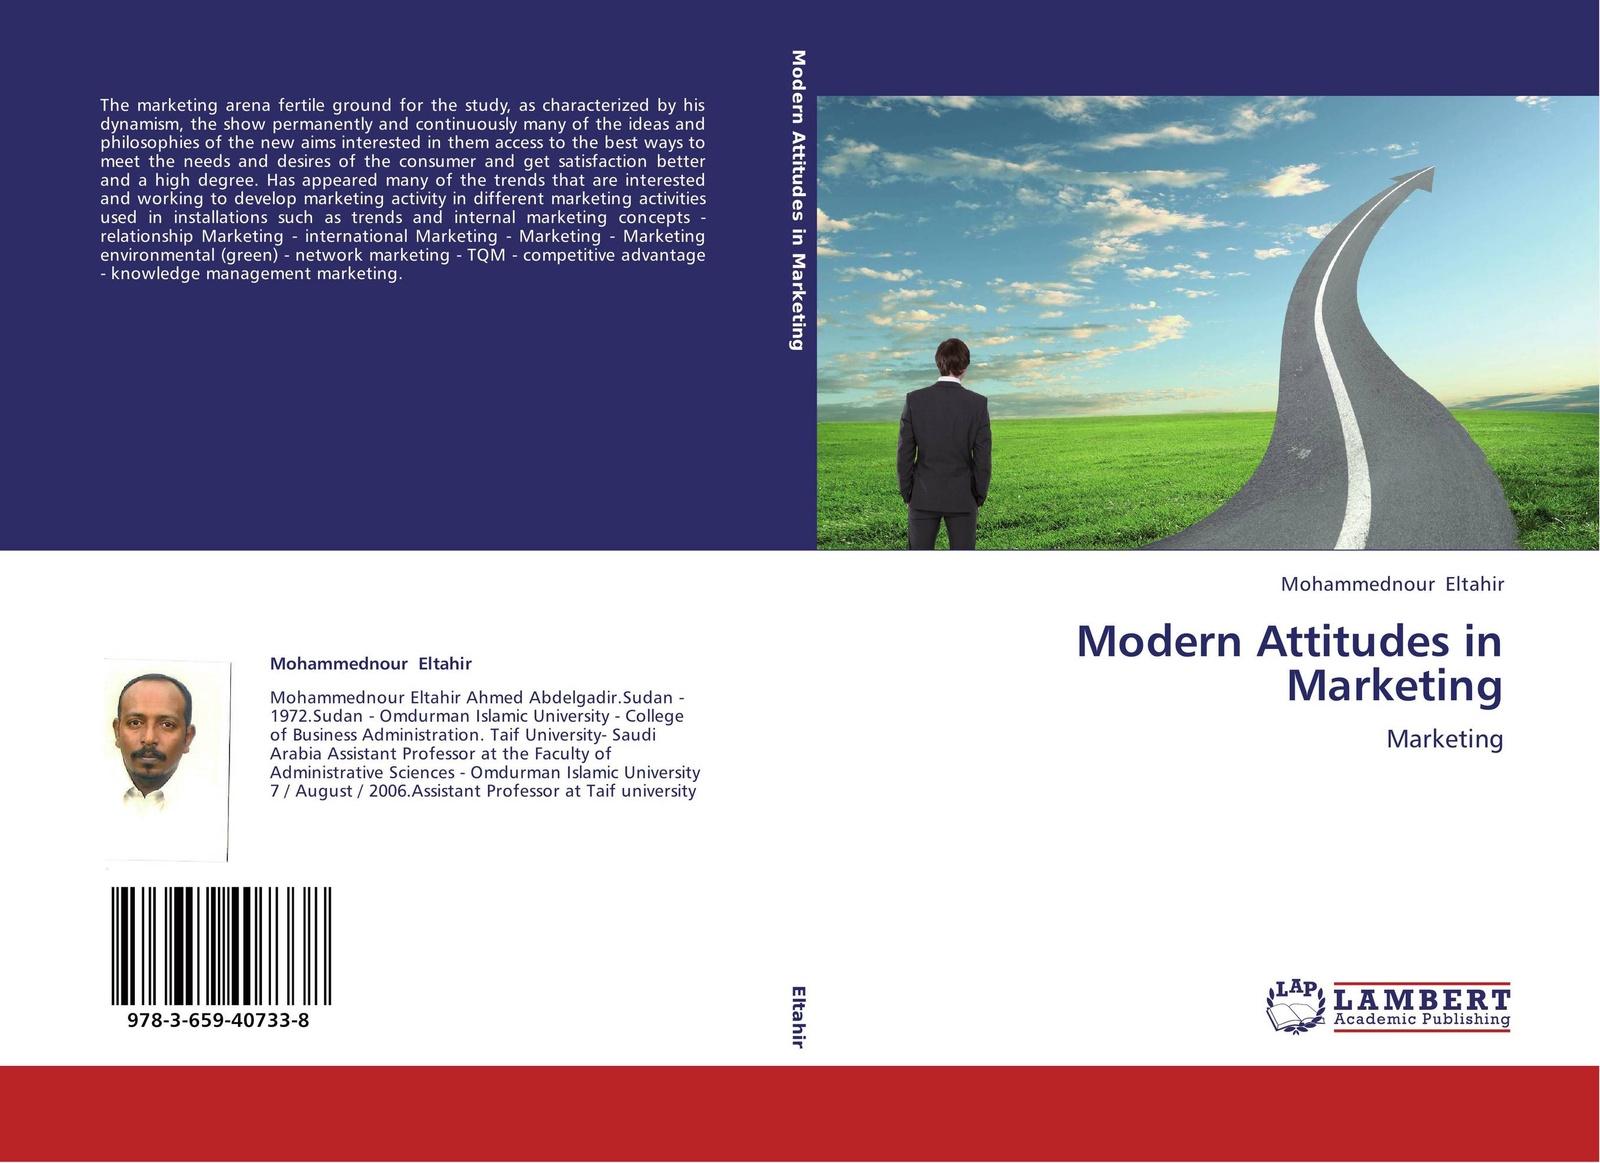 цена на Mohammednour Eltahir Modern Attitudes in Marketing